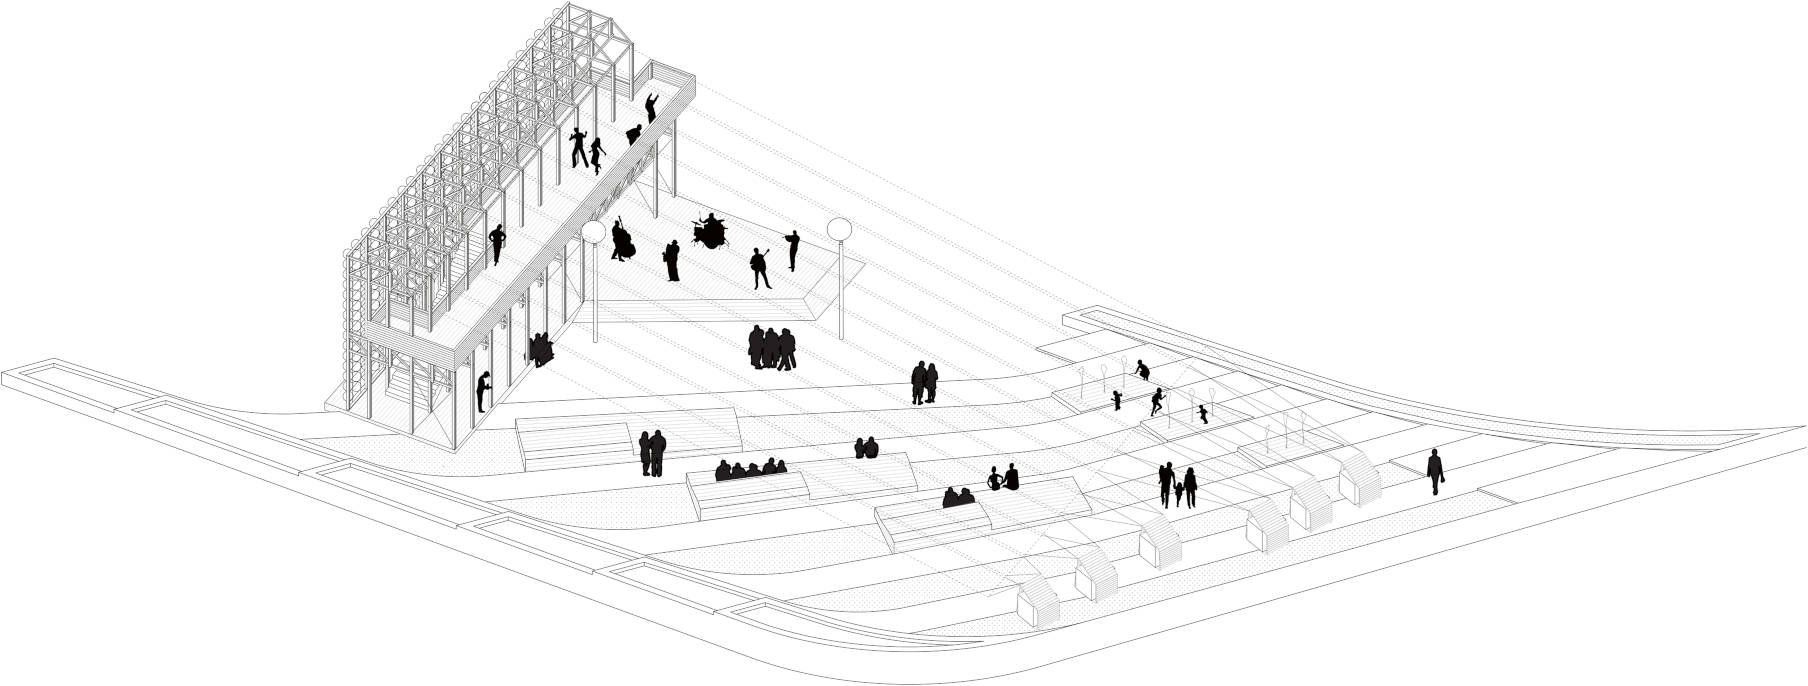 Elaborato grafico installazione piazza MAXXI